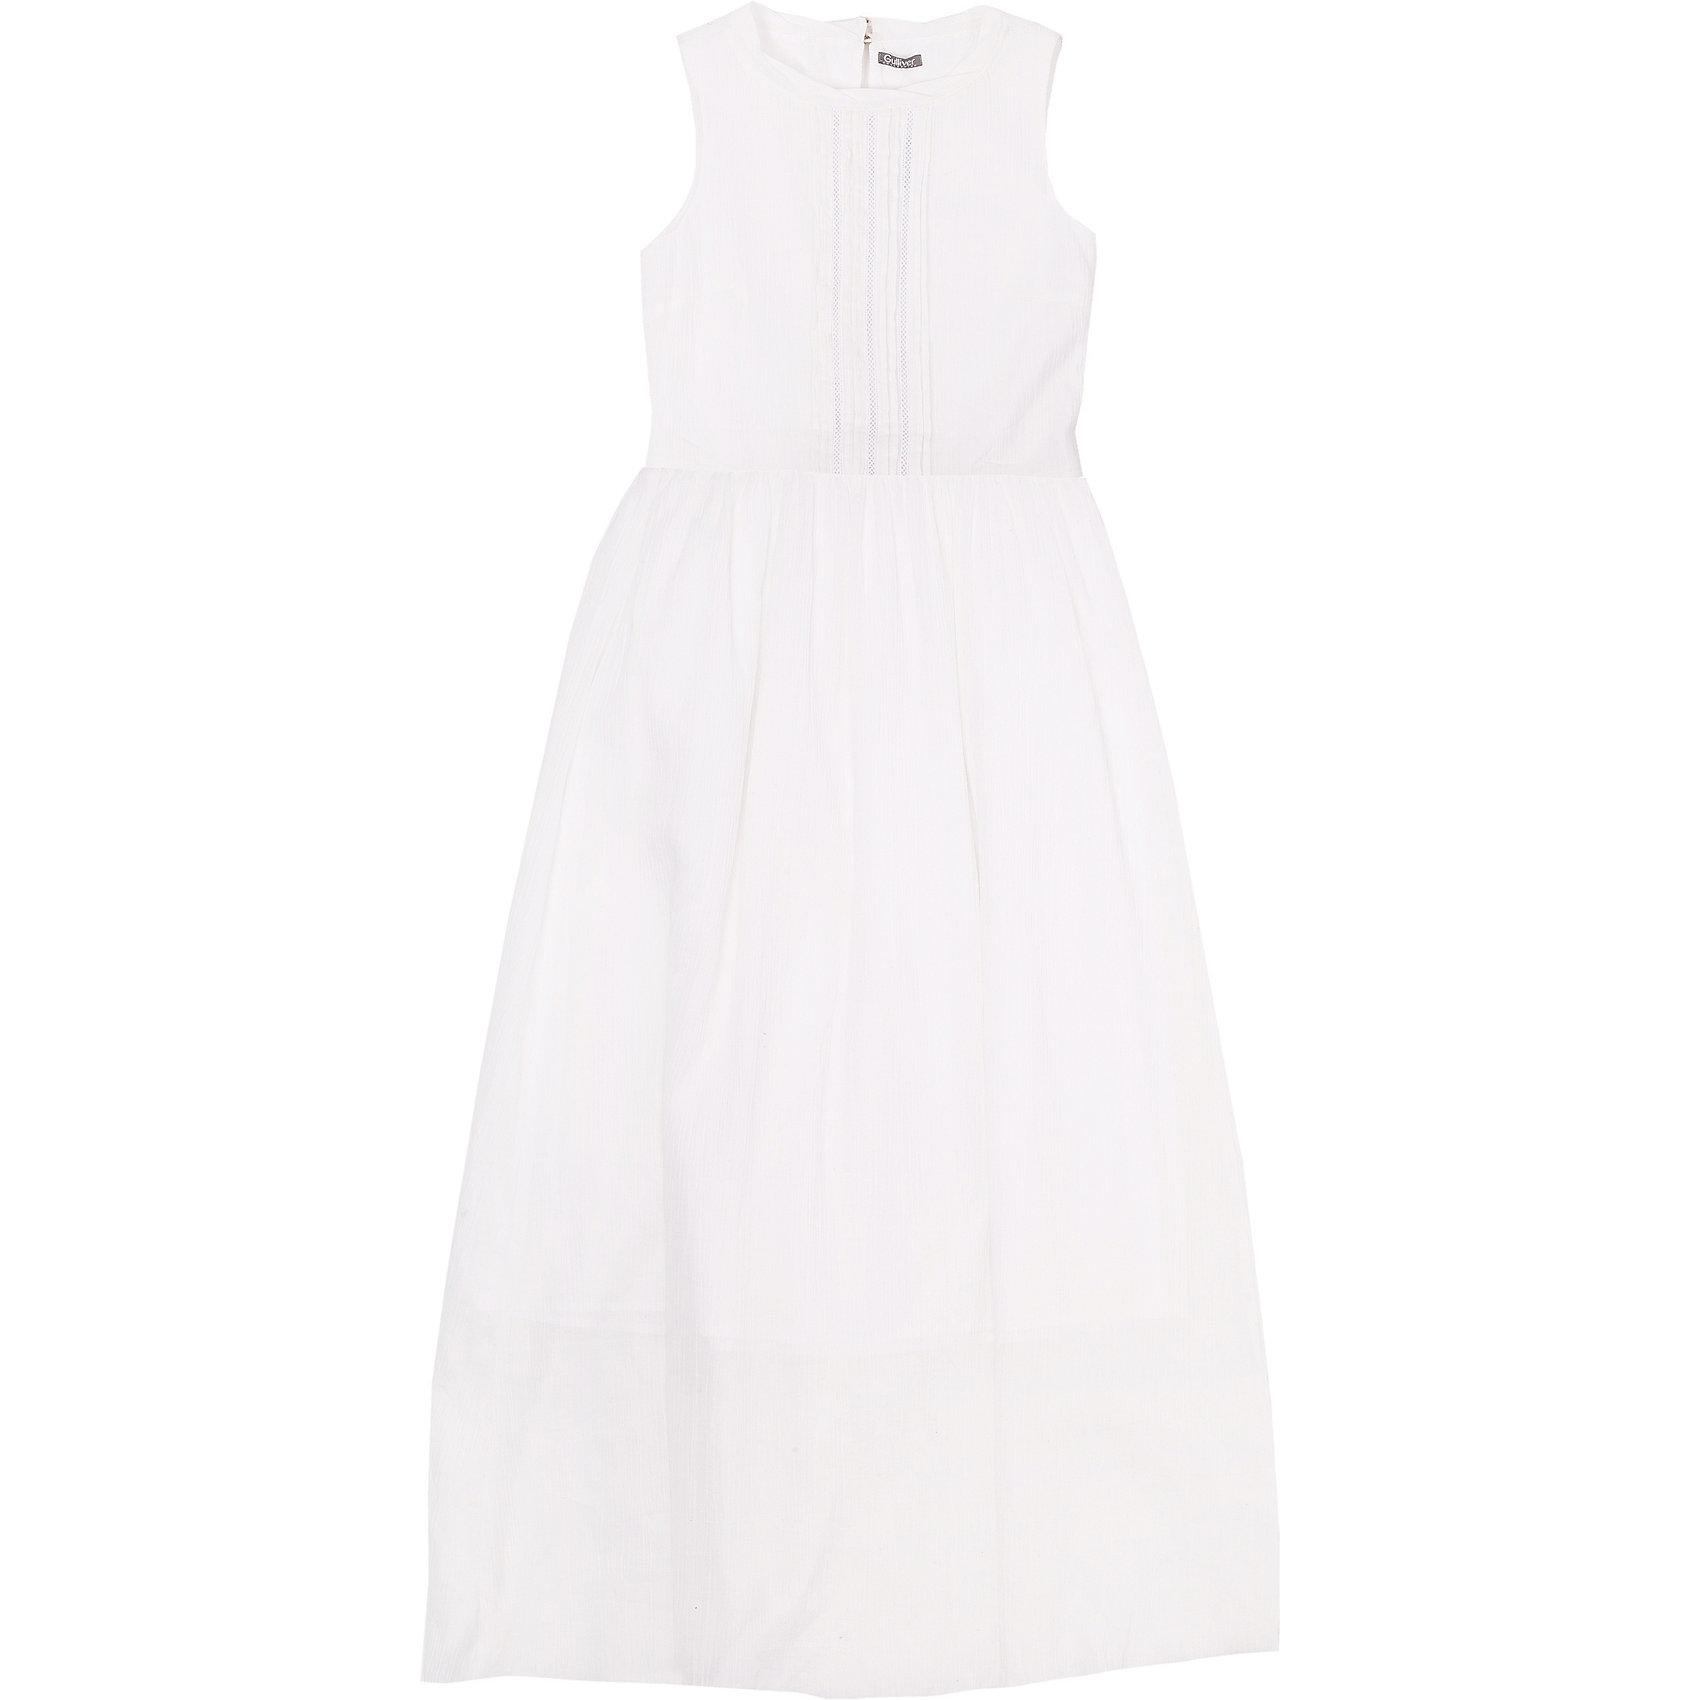 Платье для девочки GulliverОх уж эти модницы… Их летний гардероб пестрит нарядами, но разве можно устоять перед новым белым длинным платьем без рукавов? Модное летнее платье для девочки-подростка выполнено из батиста. Тонкое, нежное, изящное, платье выглядит выразительно. Передняя часть модели оформлена вертикальными защипами. Для любительниц романтического стиля платье можно дополнить  вязаным кардиганом, а тот, кто предпочитает одеваться смелее, завершит образ стильным джинсовым жилетом, создав яркий современный комплект.<br>Состав:<br>верх:               100% хлопок; подкладка:            100% хлопок<br><br>Ширина мм: 236<br>Глубина мм: 16<br>Высота мм: 184<br>Вес г: 177<br>Цвет: белый<br>Возраст от месяцев: 144<br>Возраст до месяцев: 156<br>Пол: Женский<br>Возраст: Детский<br>Размер: 158,164,152,146<br>SKU: 4535023